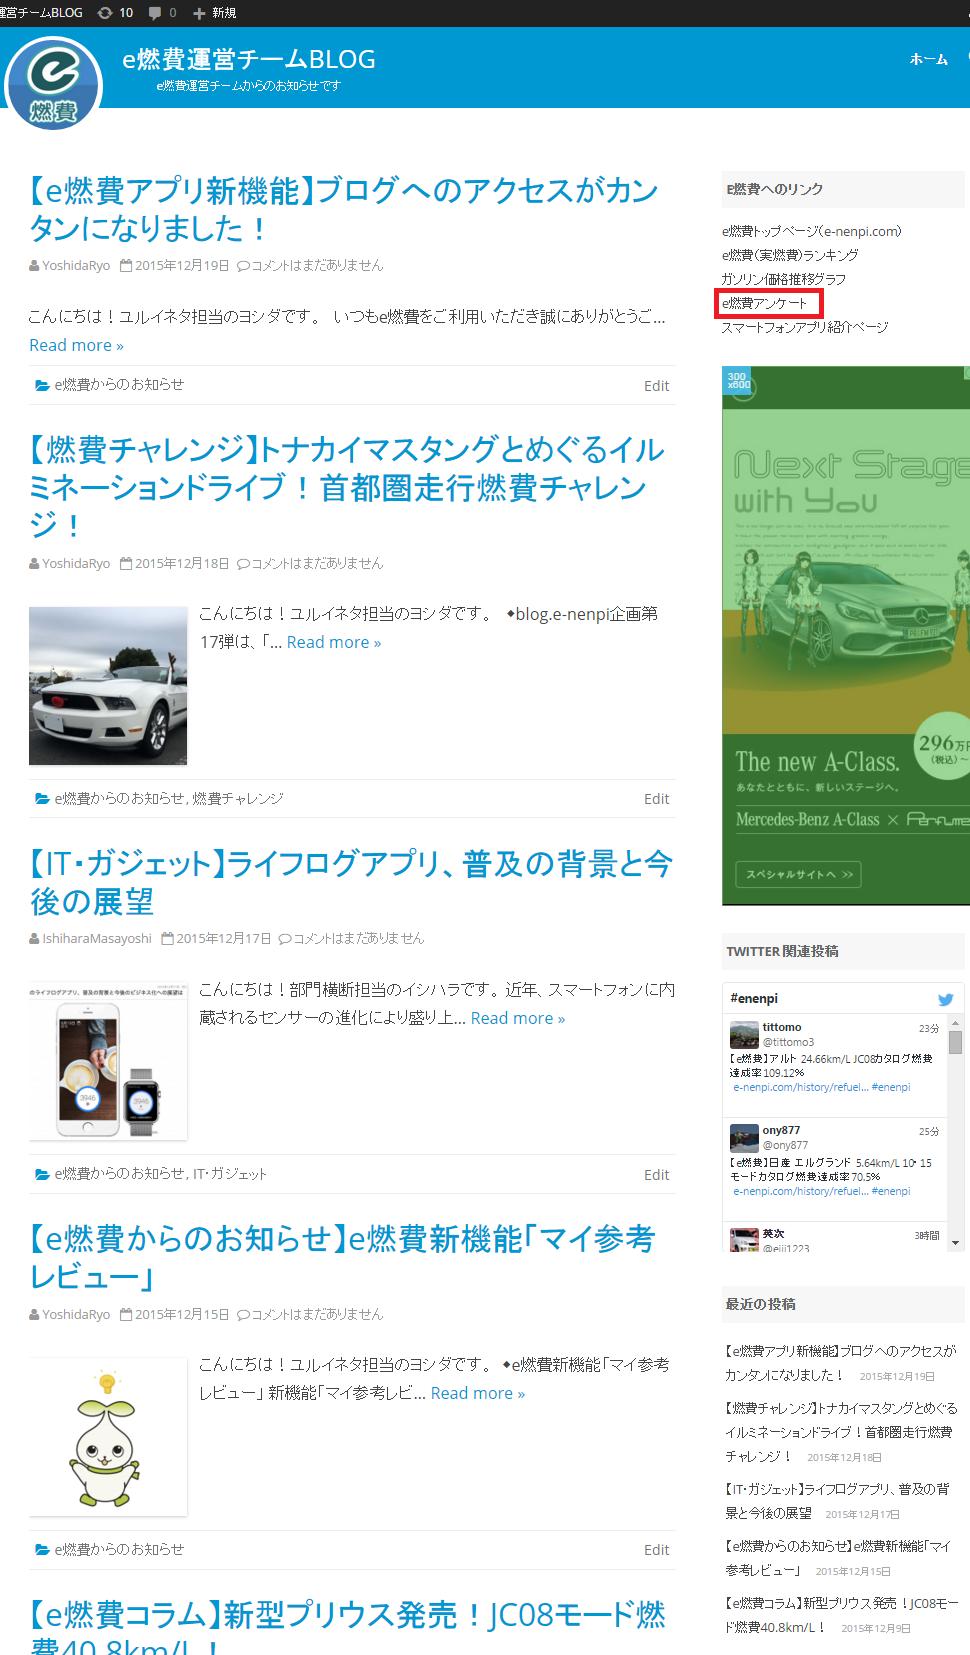 screencapture-blog-e-nenpi-com-1450779778640